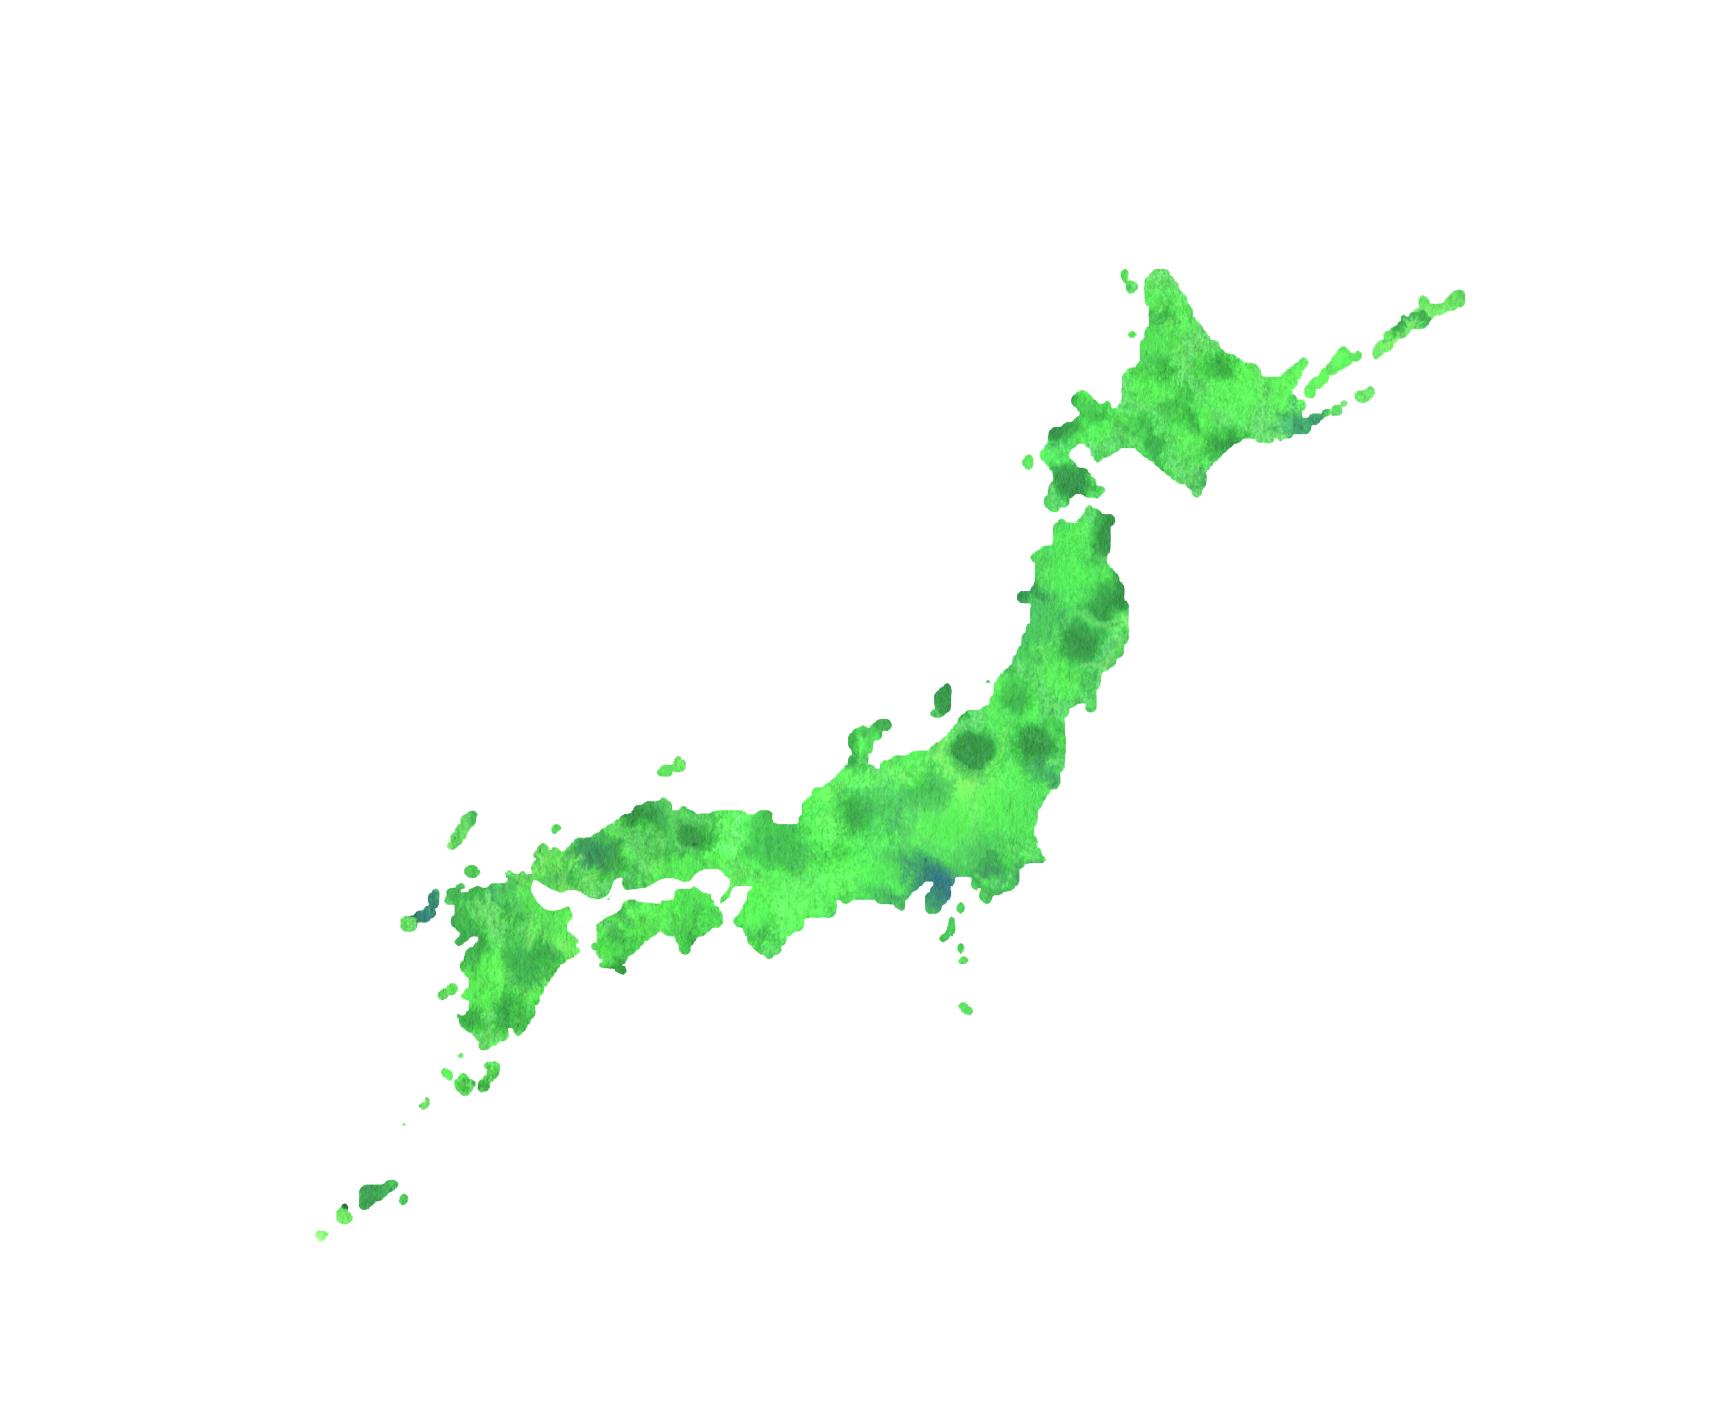 自然エネルギーが日本に普及した社会を予想する 再エネ先進国の事例を踏まえて